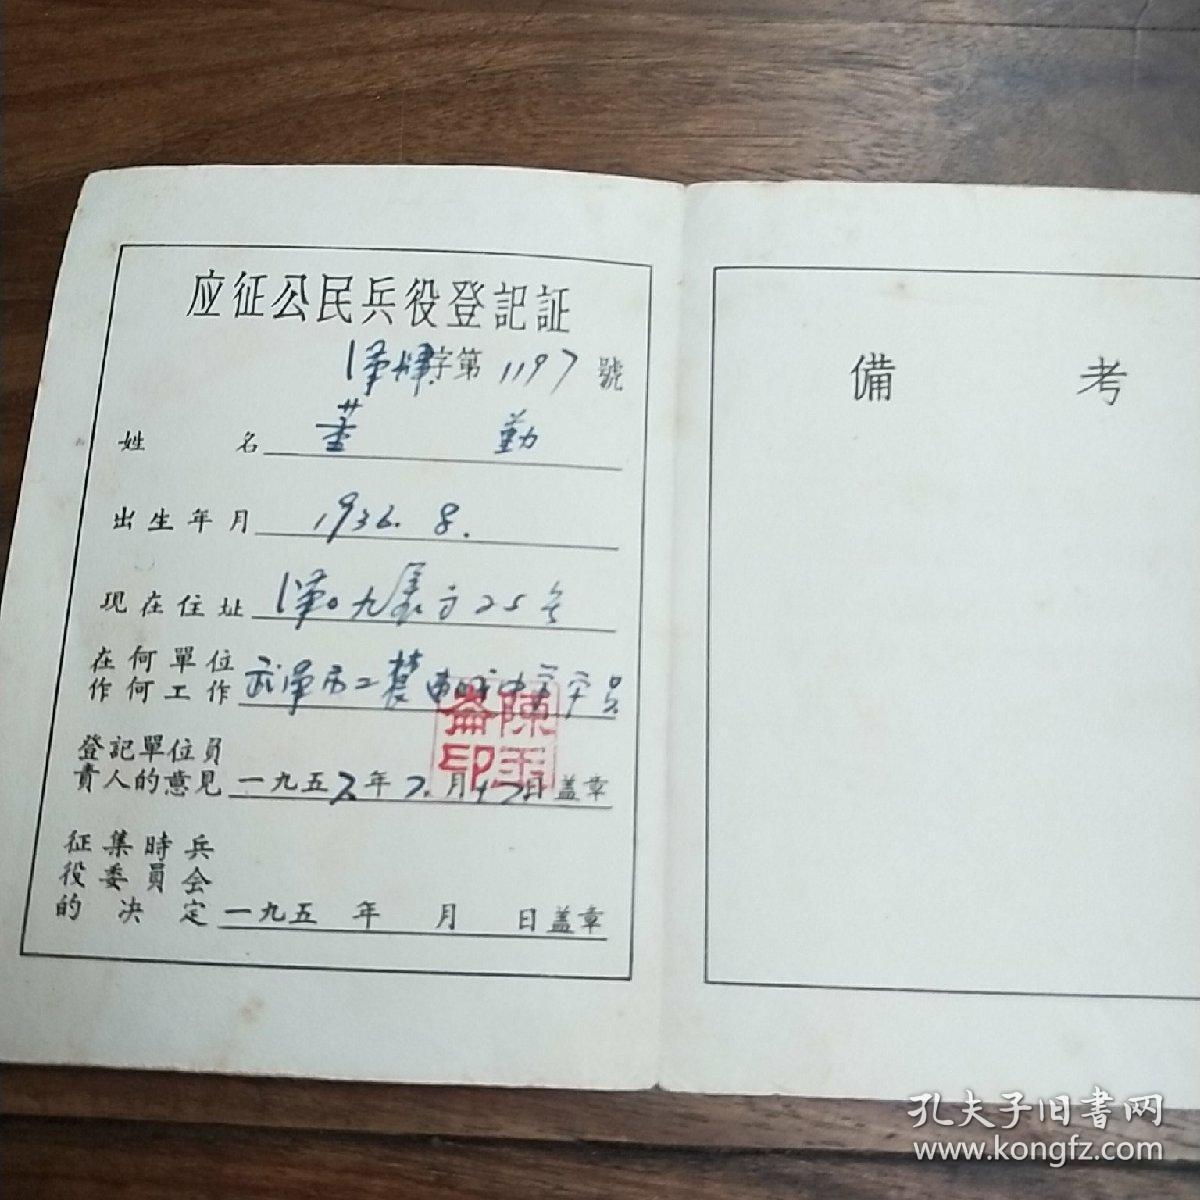 1956年应征公民兵役登记证